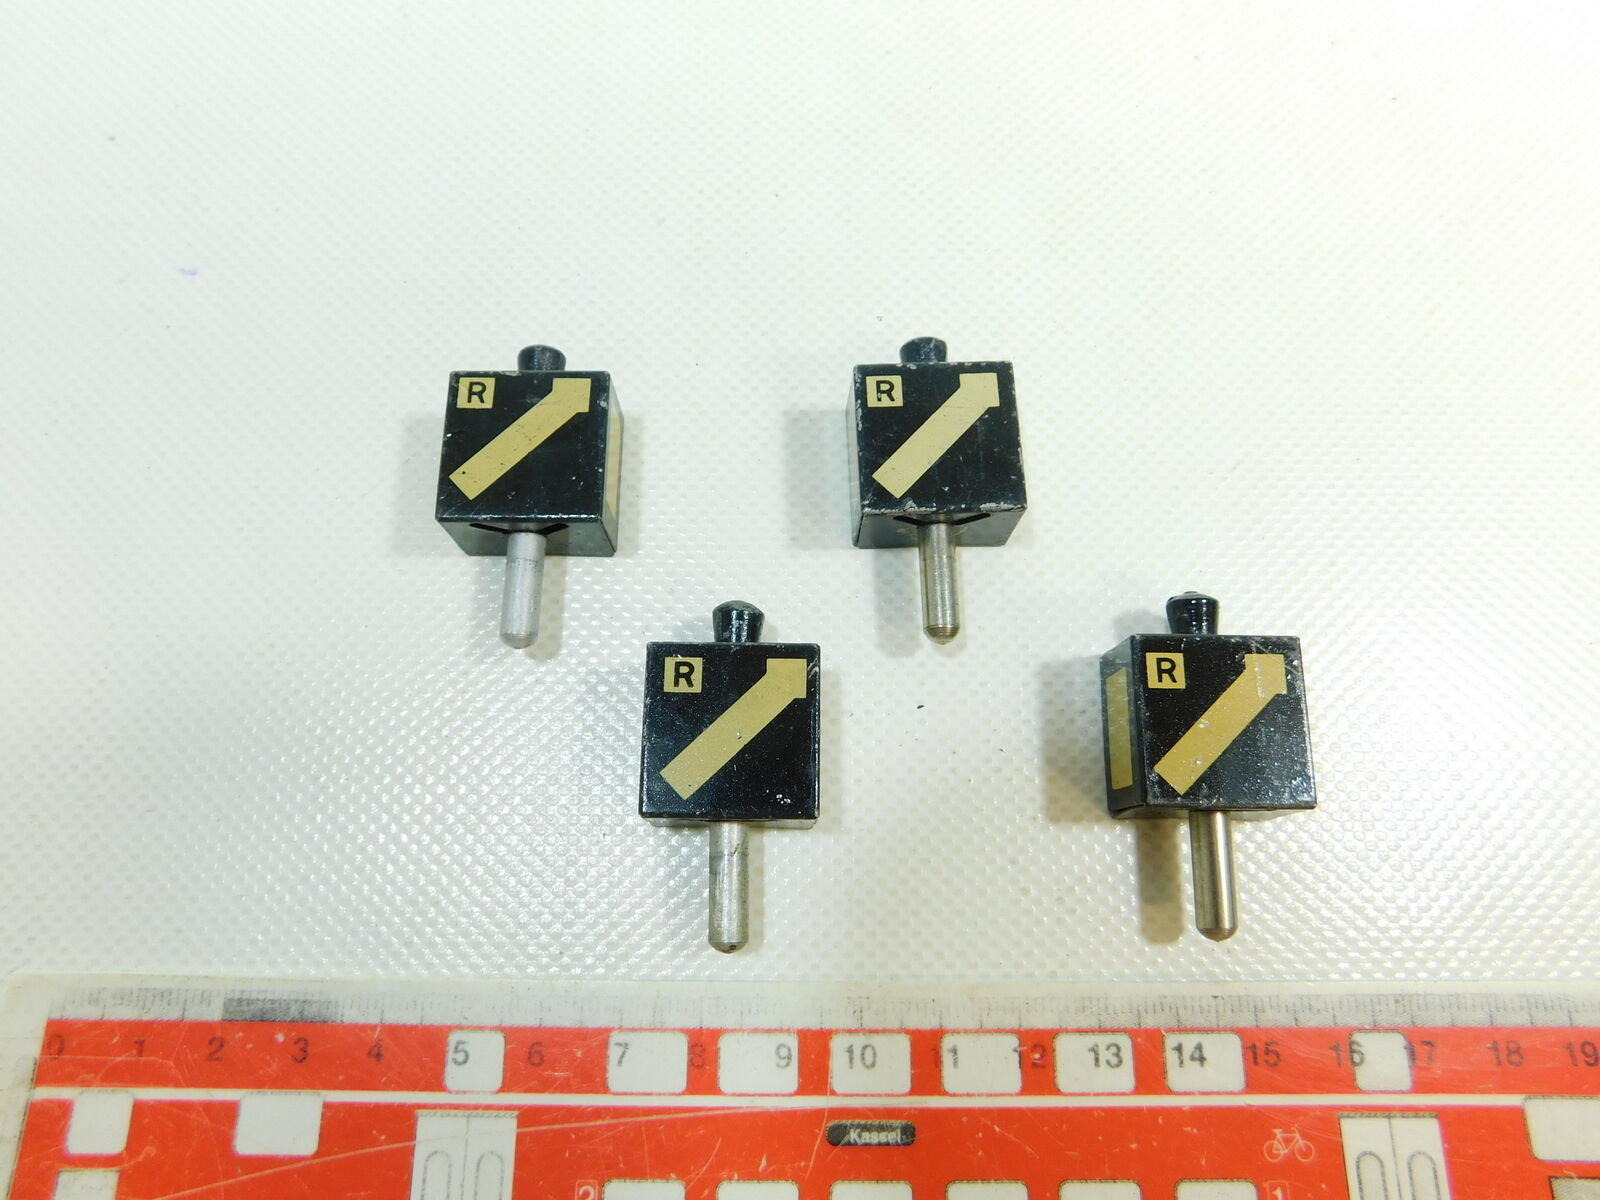 BR908-0,5x Märklin Spur 0 1 Blech-Laternenimitat für rechte Weiche E-Weiche